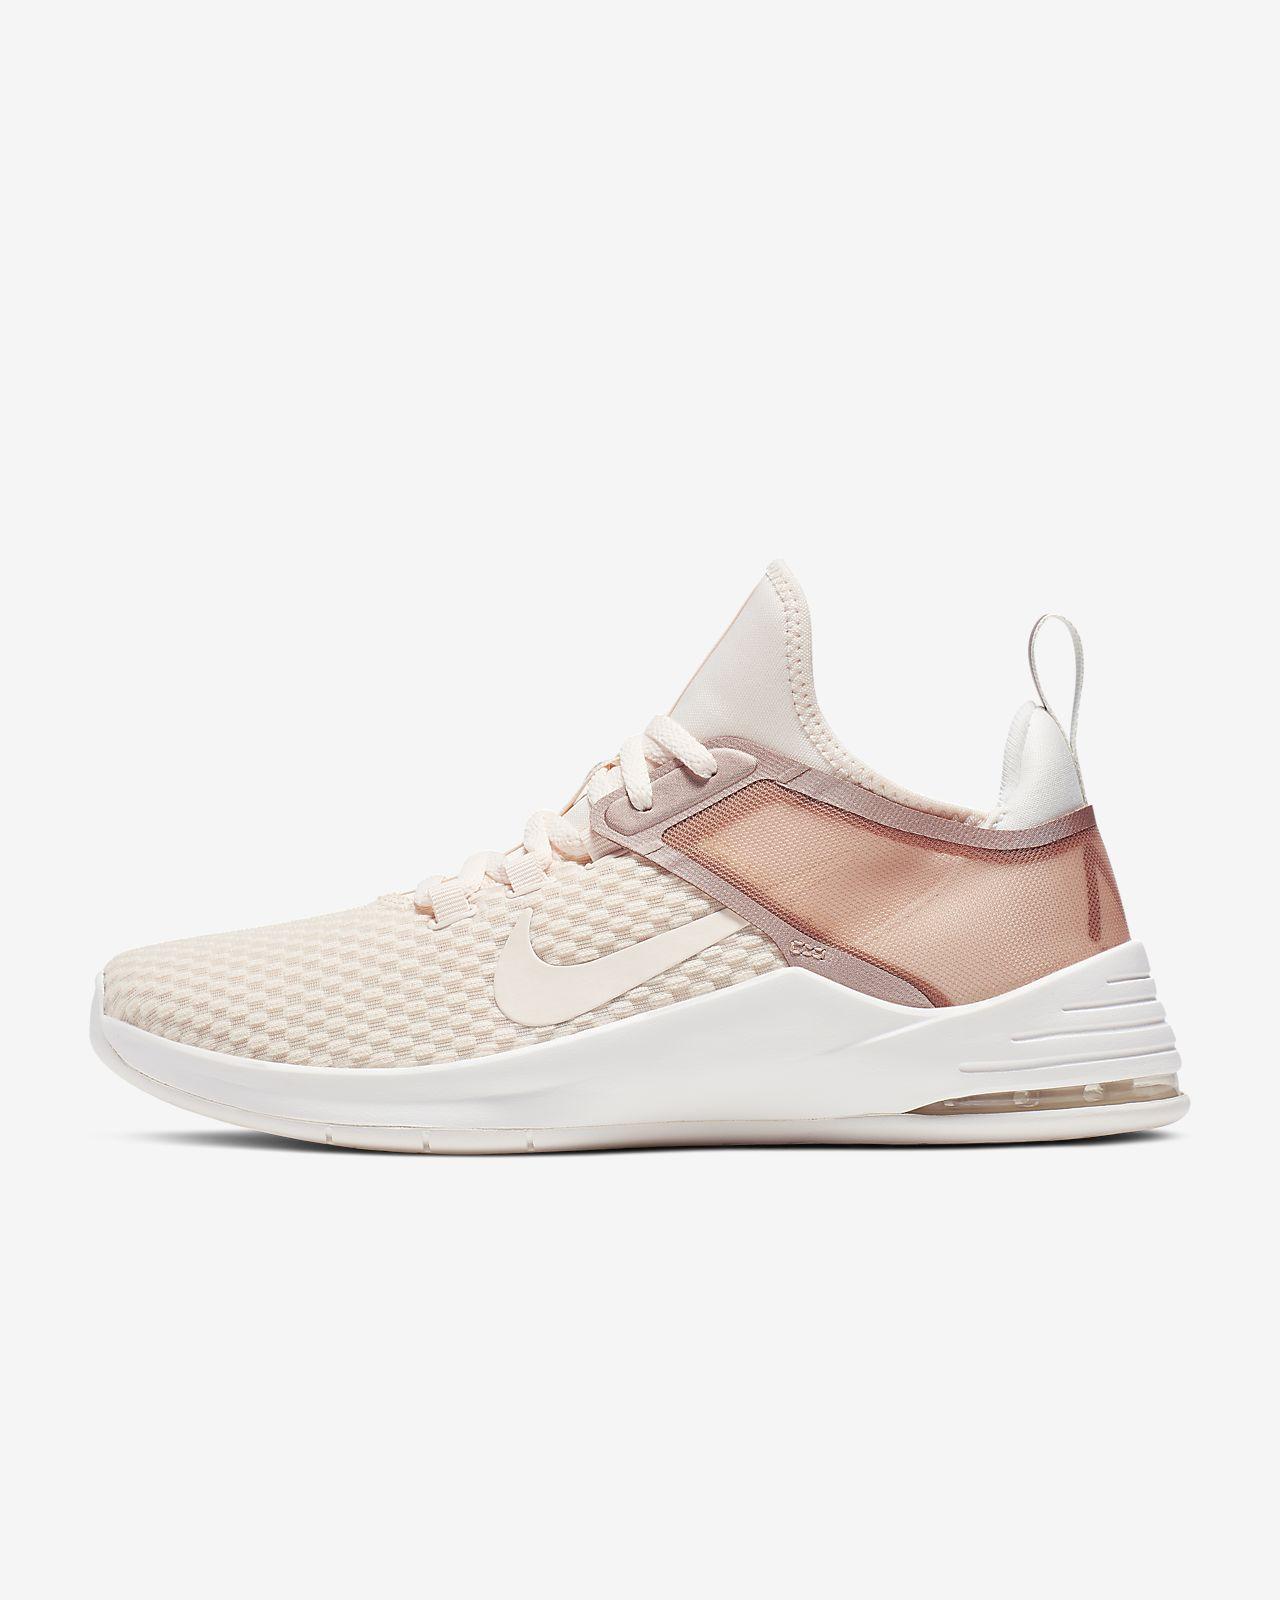 e5914c0dca3 Nike Air Max Bella TR2-træningssko til kvinder. Nike.com DK